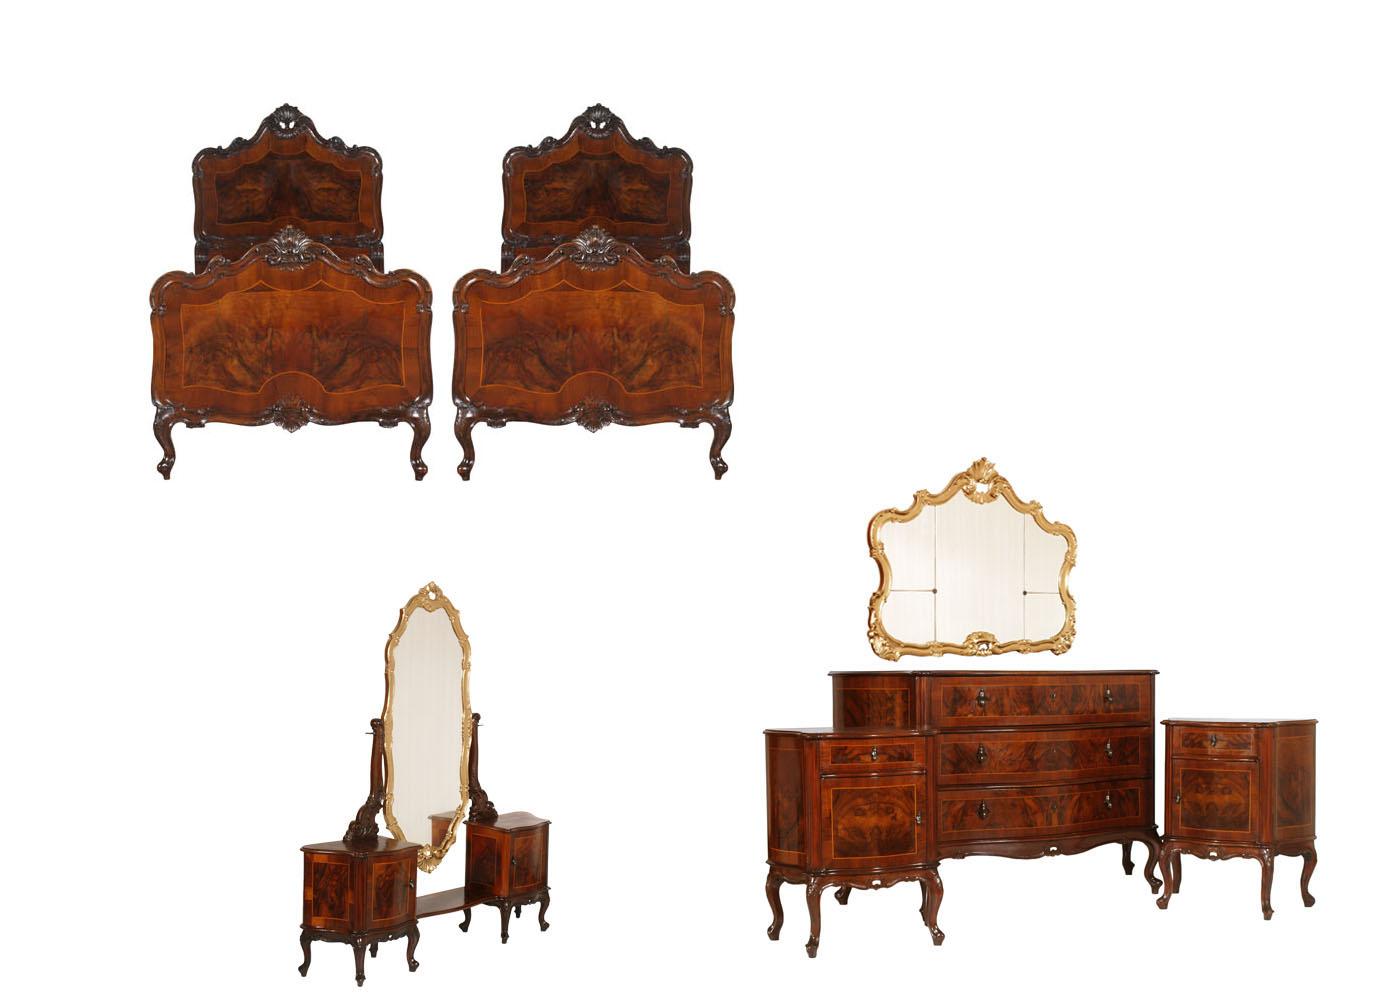 ... furniture ANTICA CAMERA DA LETTO BAROCCO VENEZIANO NOCE - MA H67